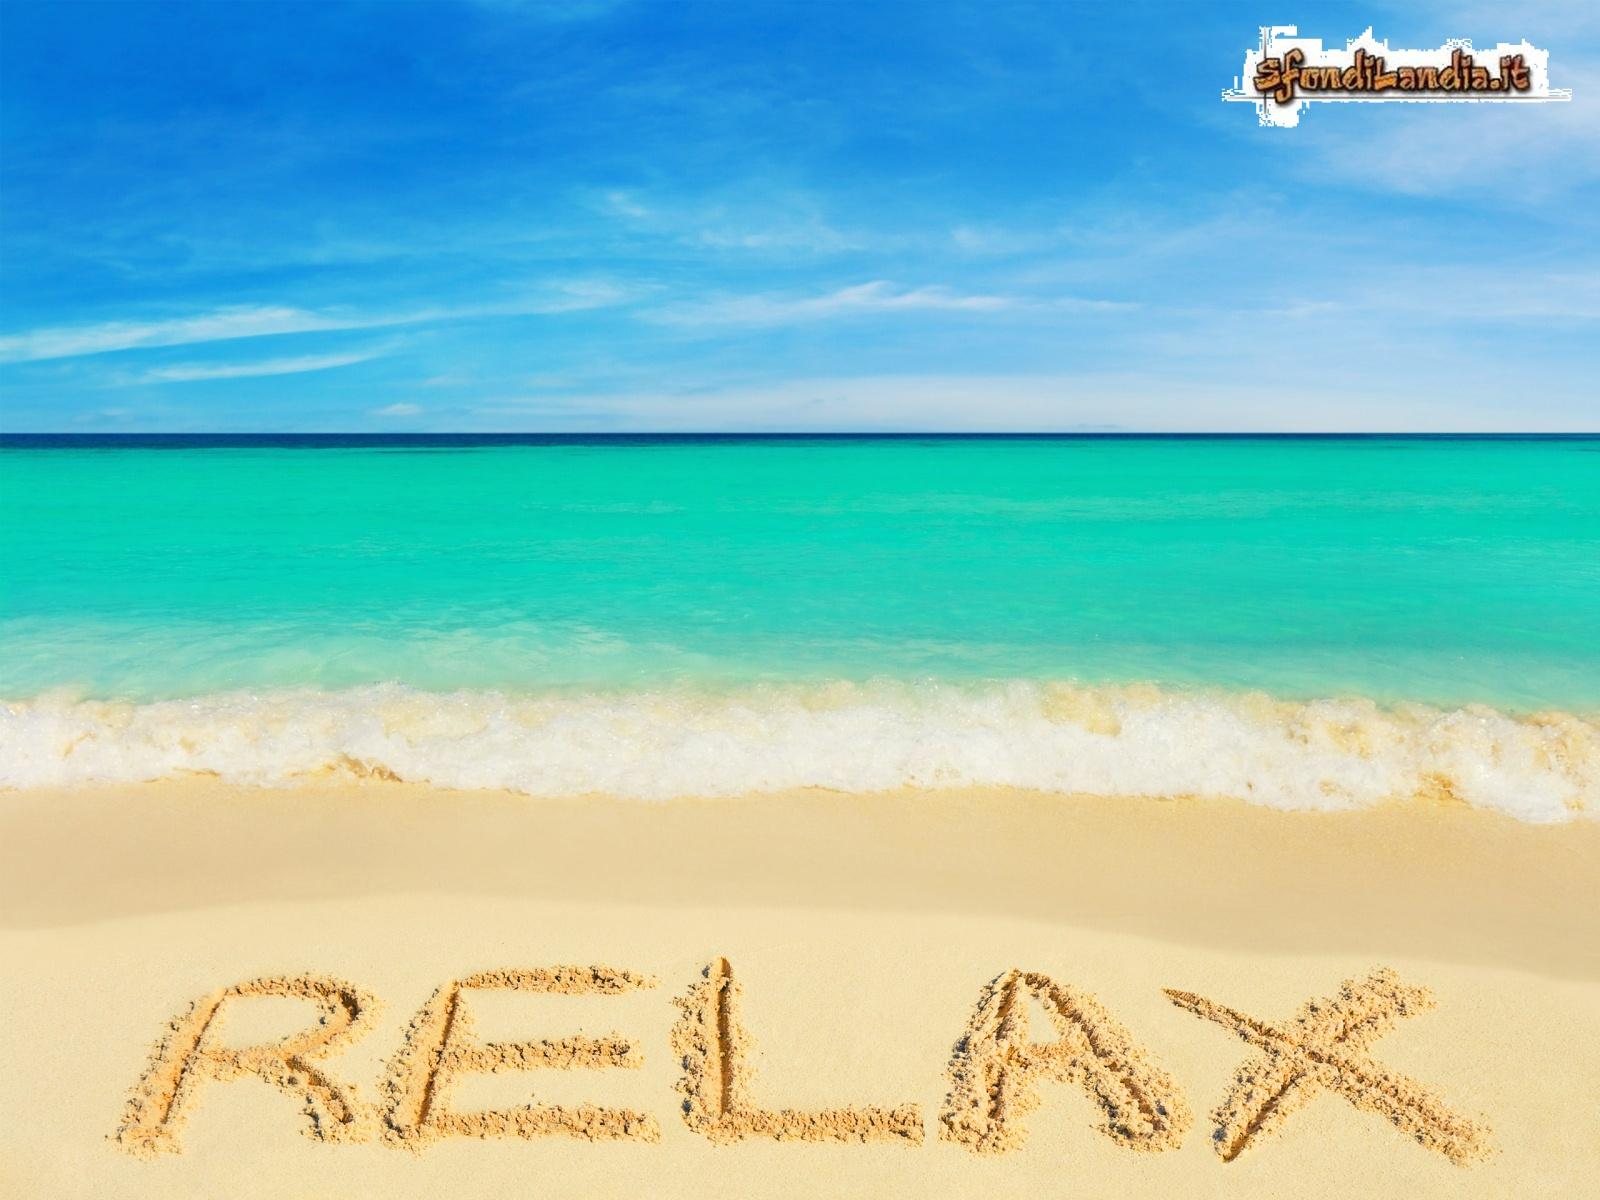 Sfondilandiait Sfondo Gratis Di Relax On Beach Per Desktop